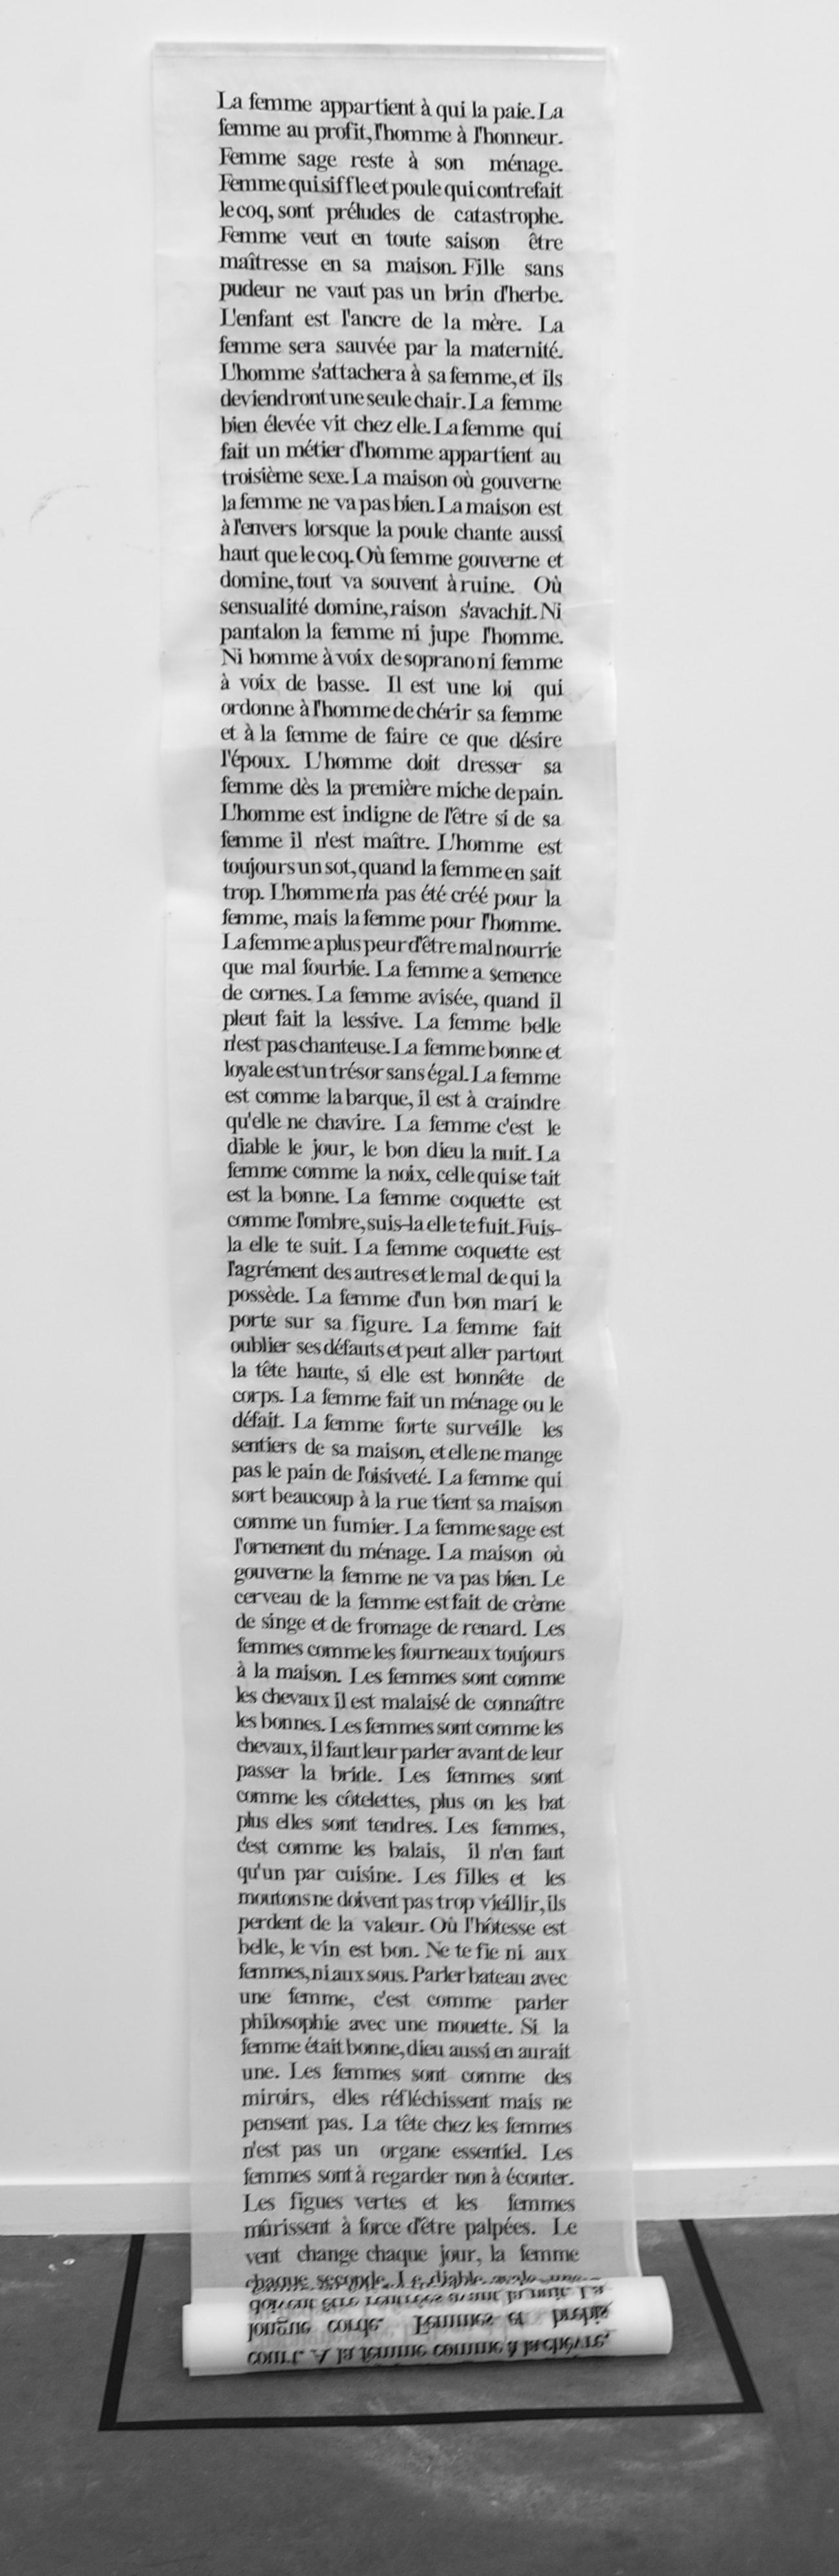 Les proverbes, 2015. 50 X 350 cm. Broderie mécanique sur organdi.